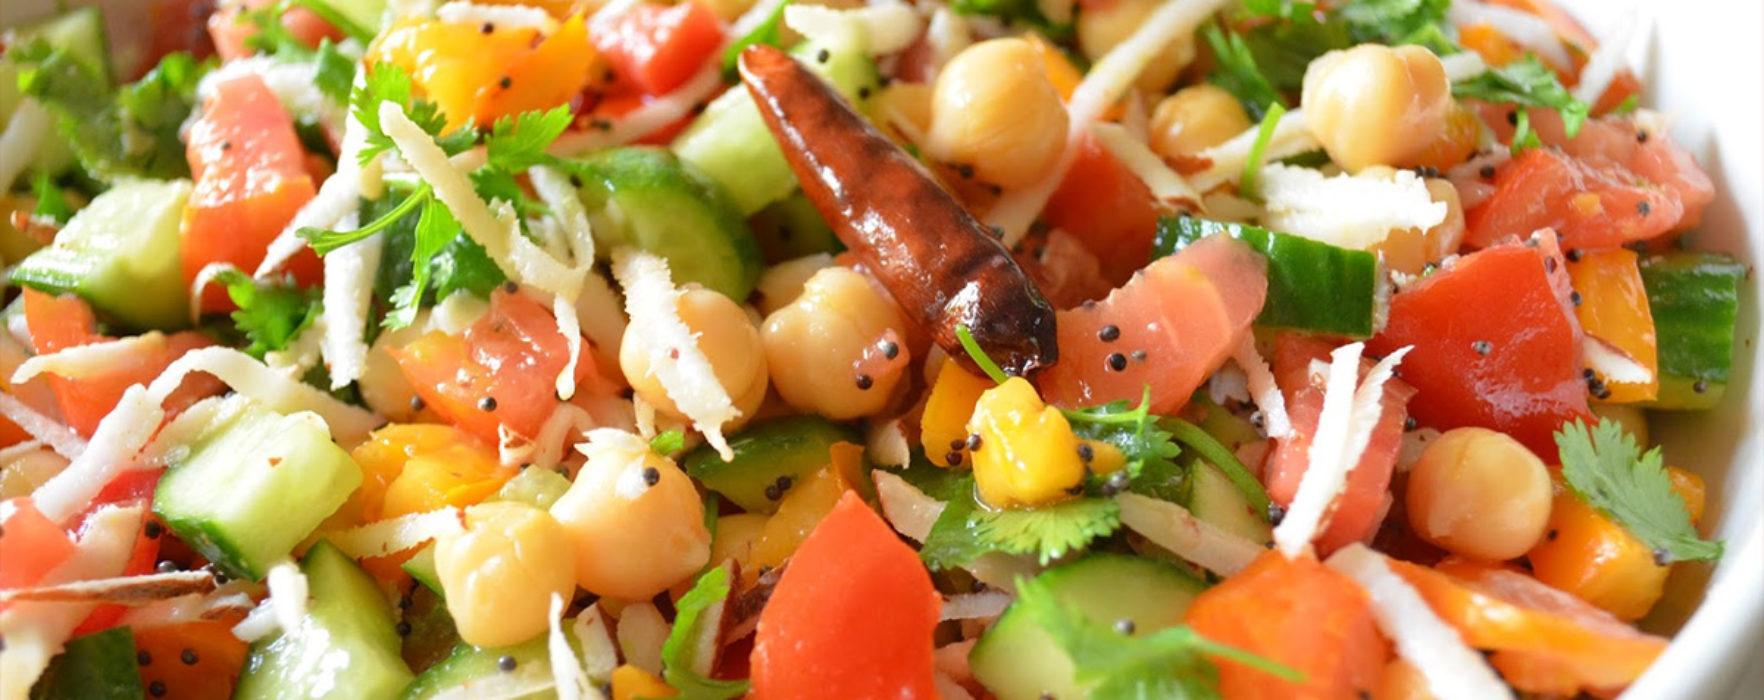 14 alimente vegetariene care au mai mult de fier decât carnea